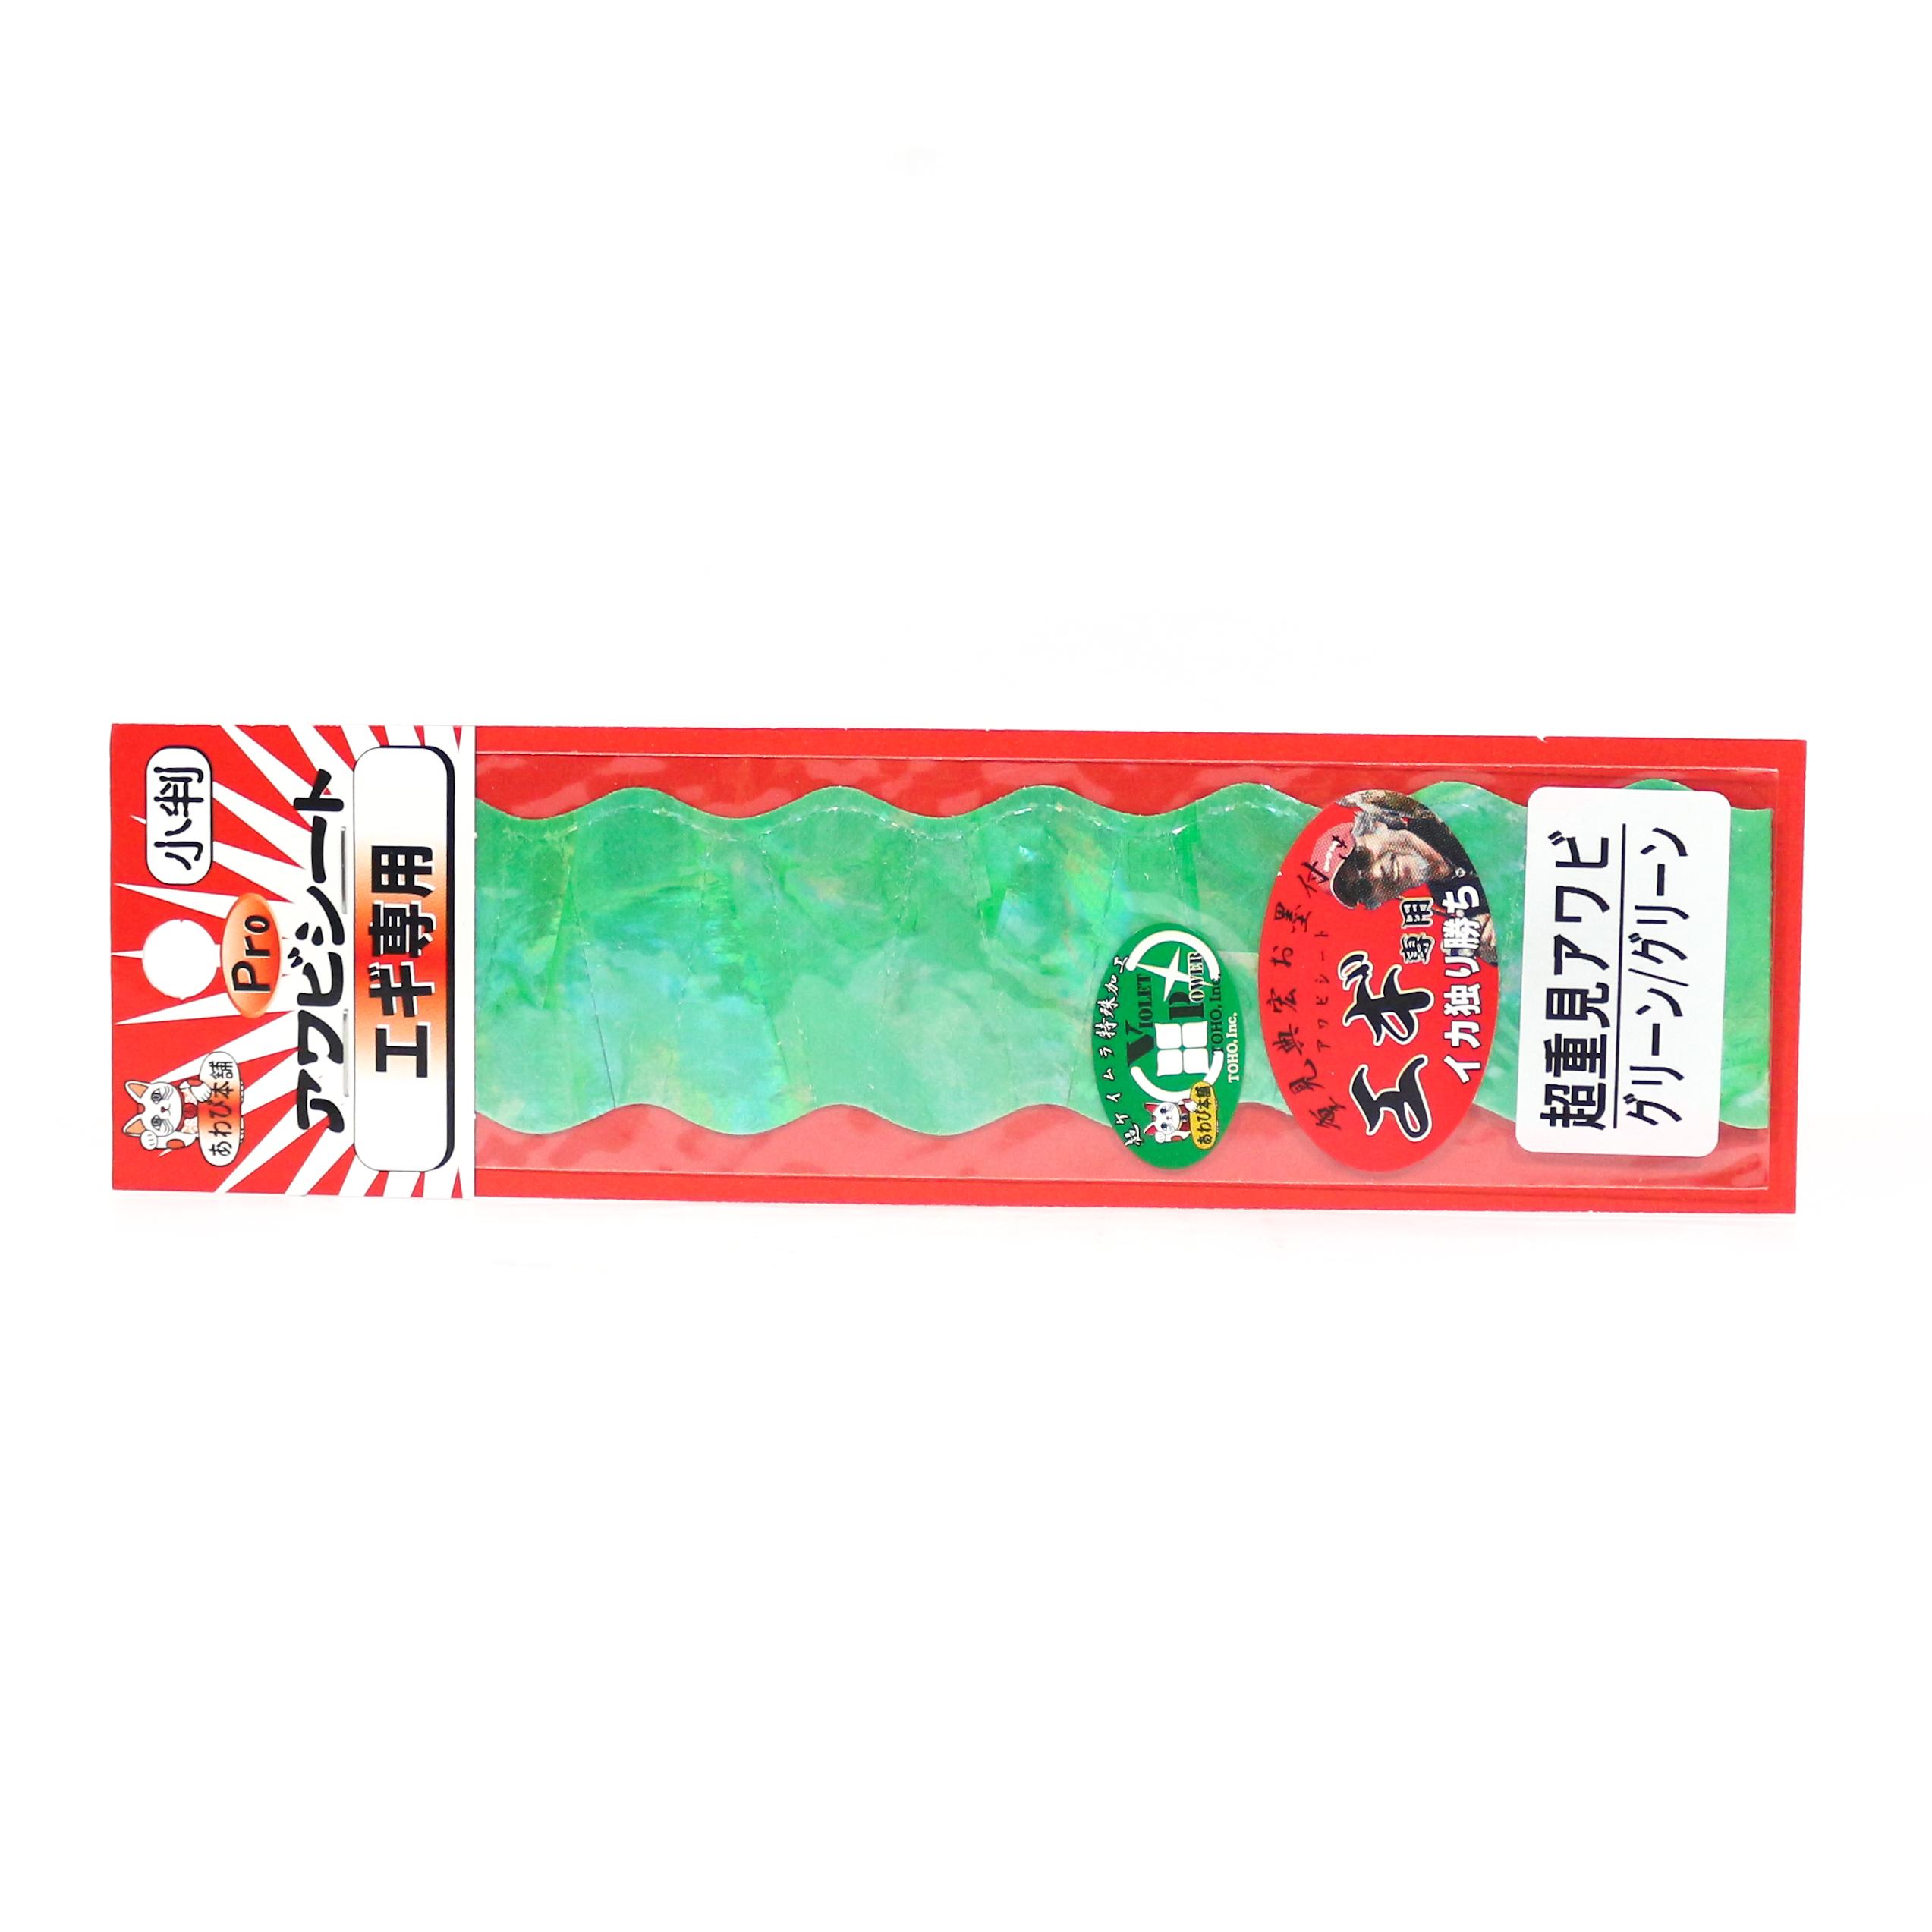 Awabi Honpo Pro Awabi Sheet Shigemi Size S 40 x 140 mm Green/Green (1036)